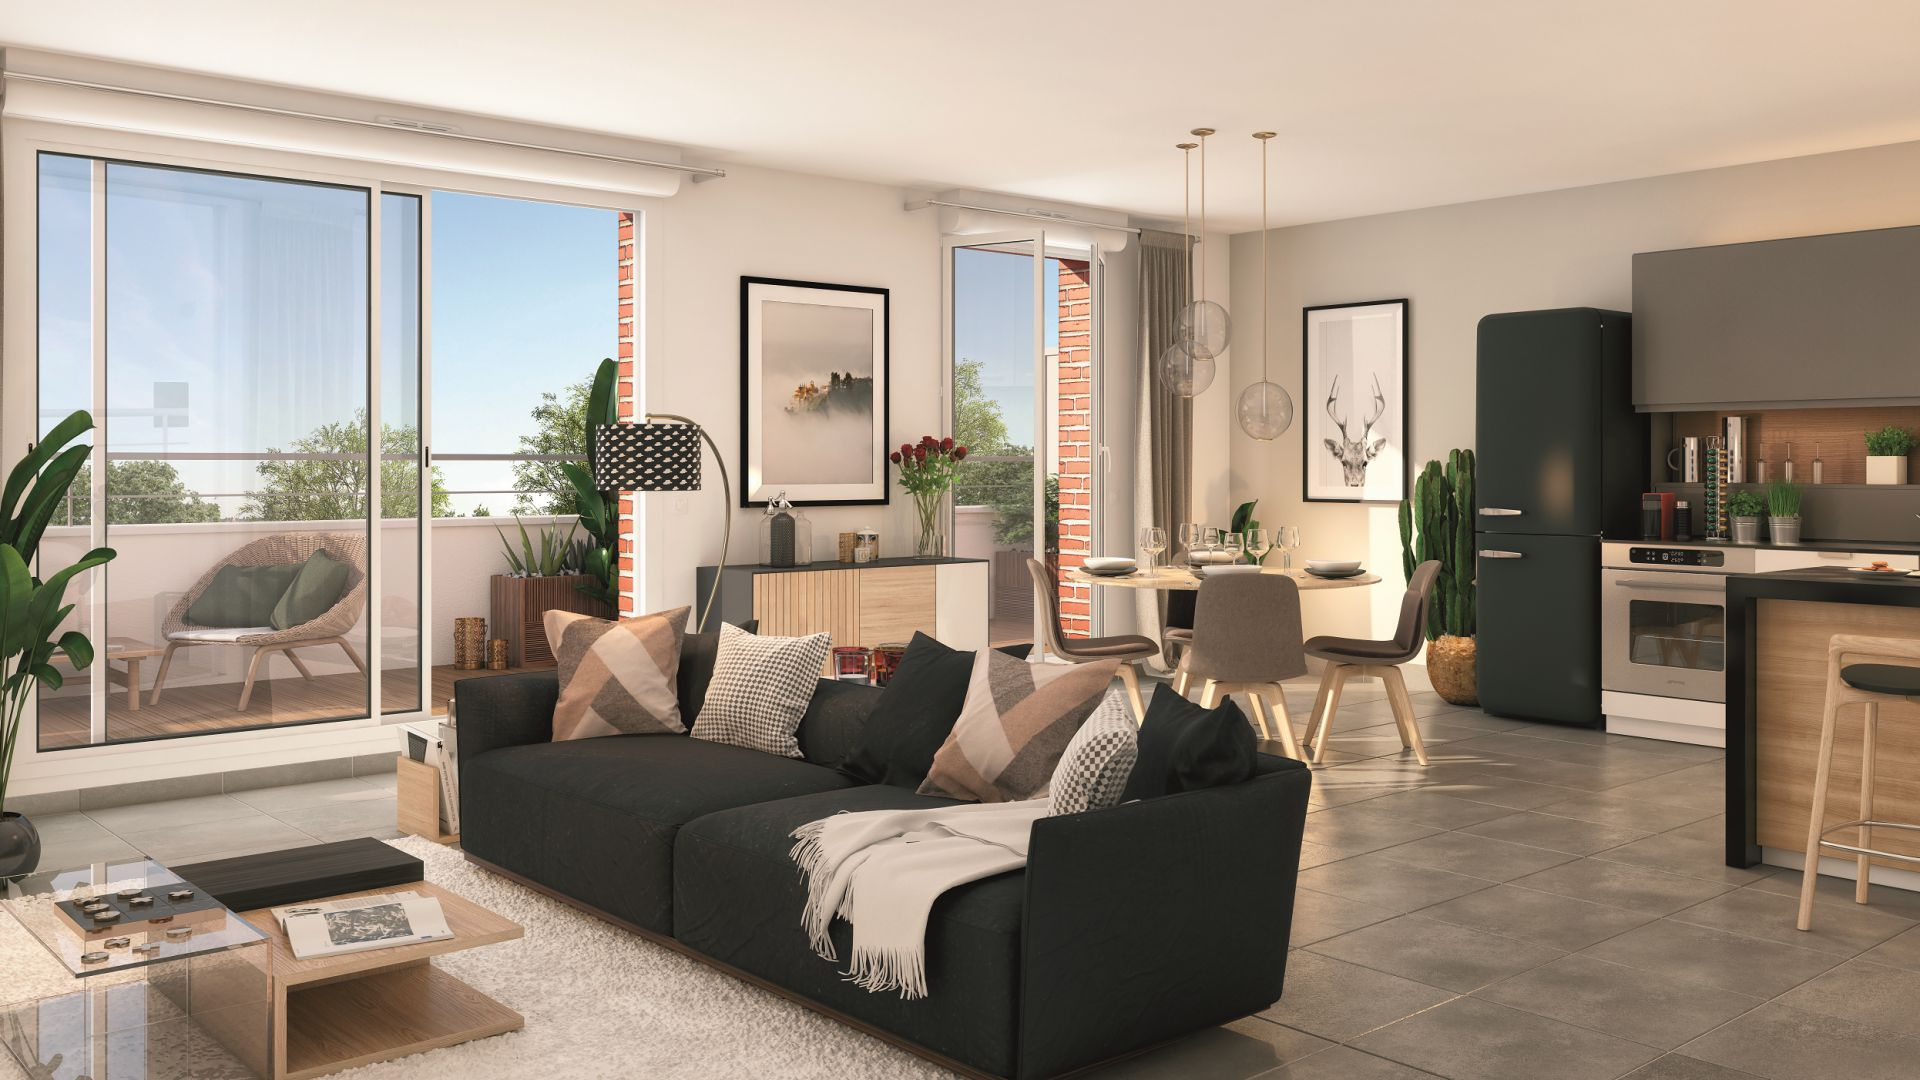 Greencity Immobilier - Résidence Cours Briand - 93190 Livry-Gargan - appartements neufs du T1 au T4Duplex - vue intérieure